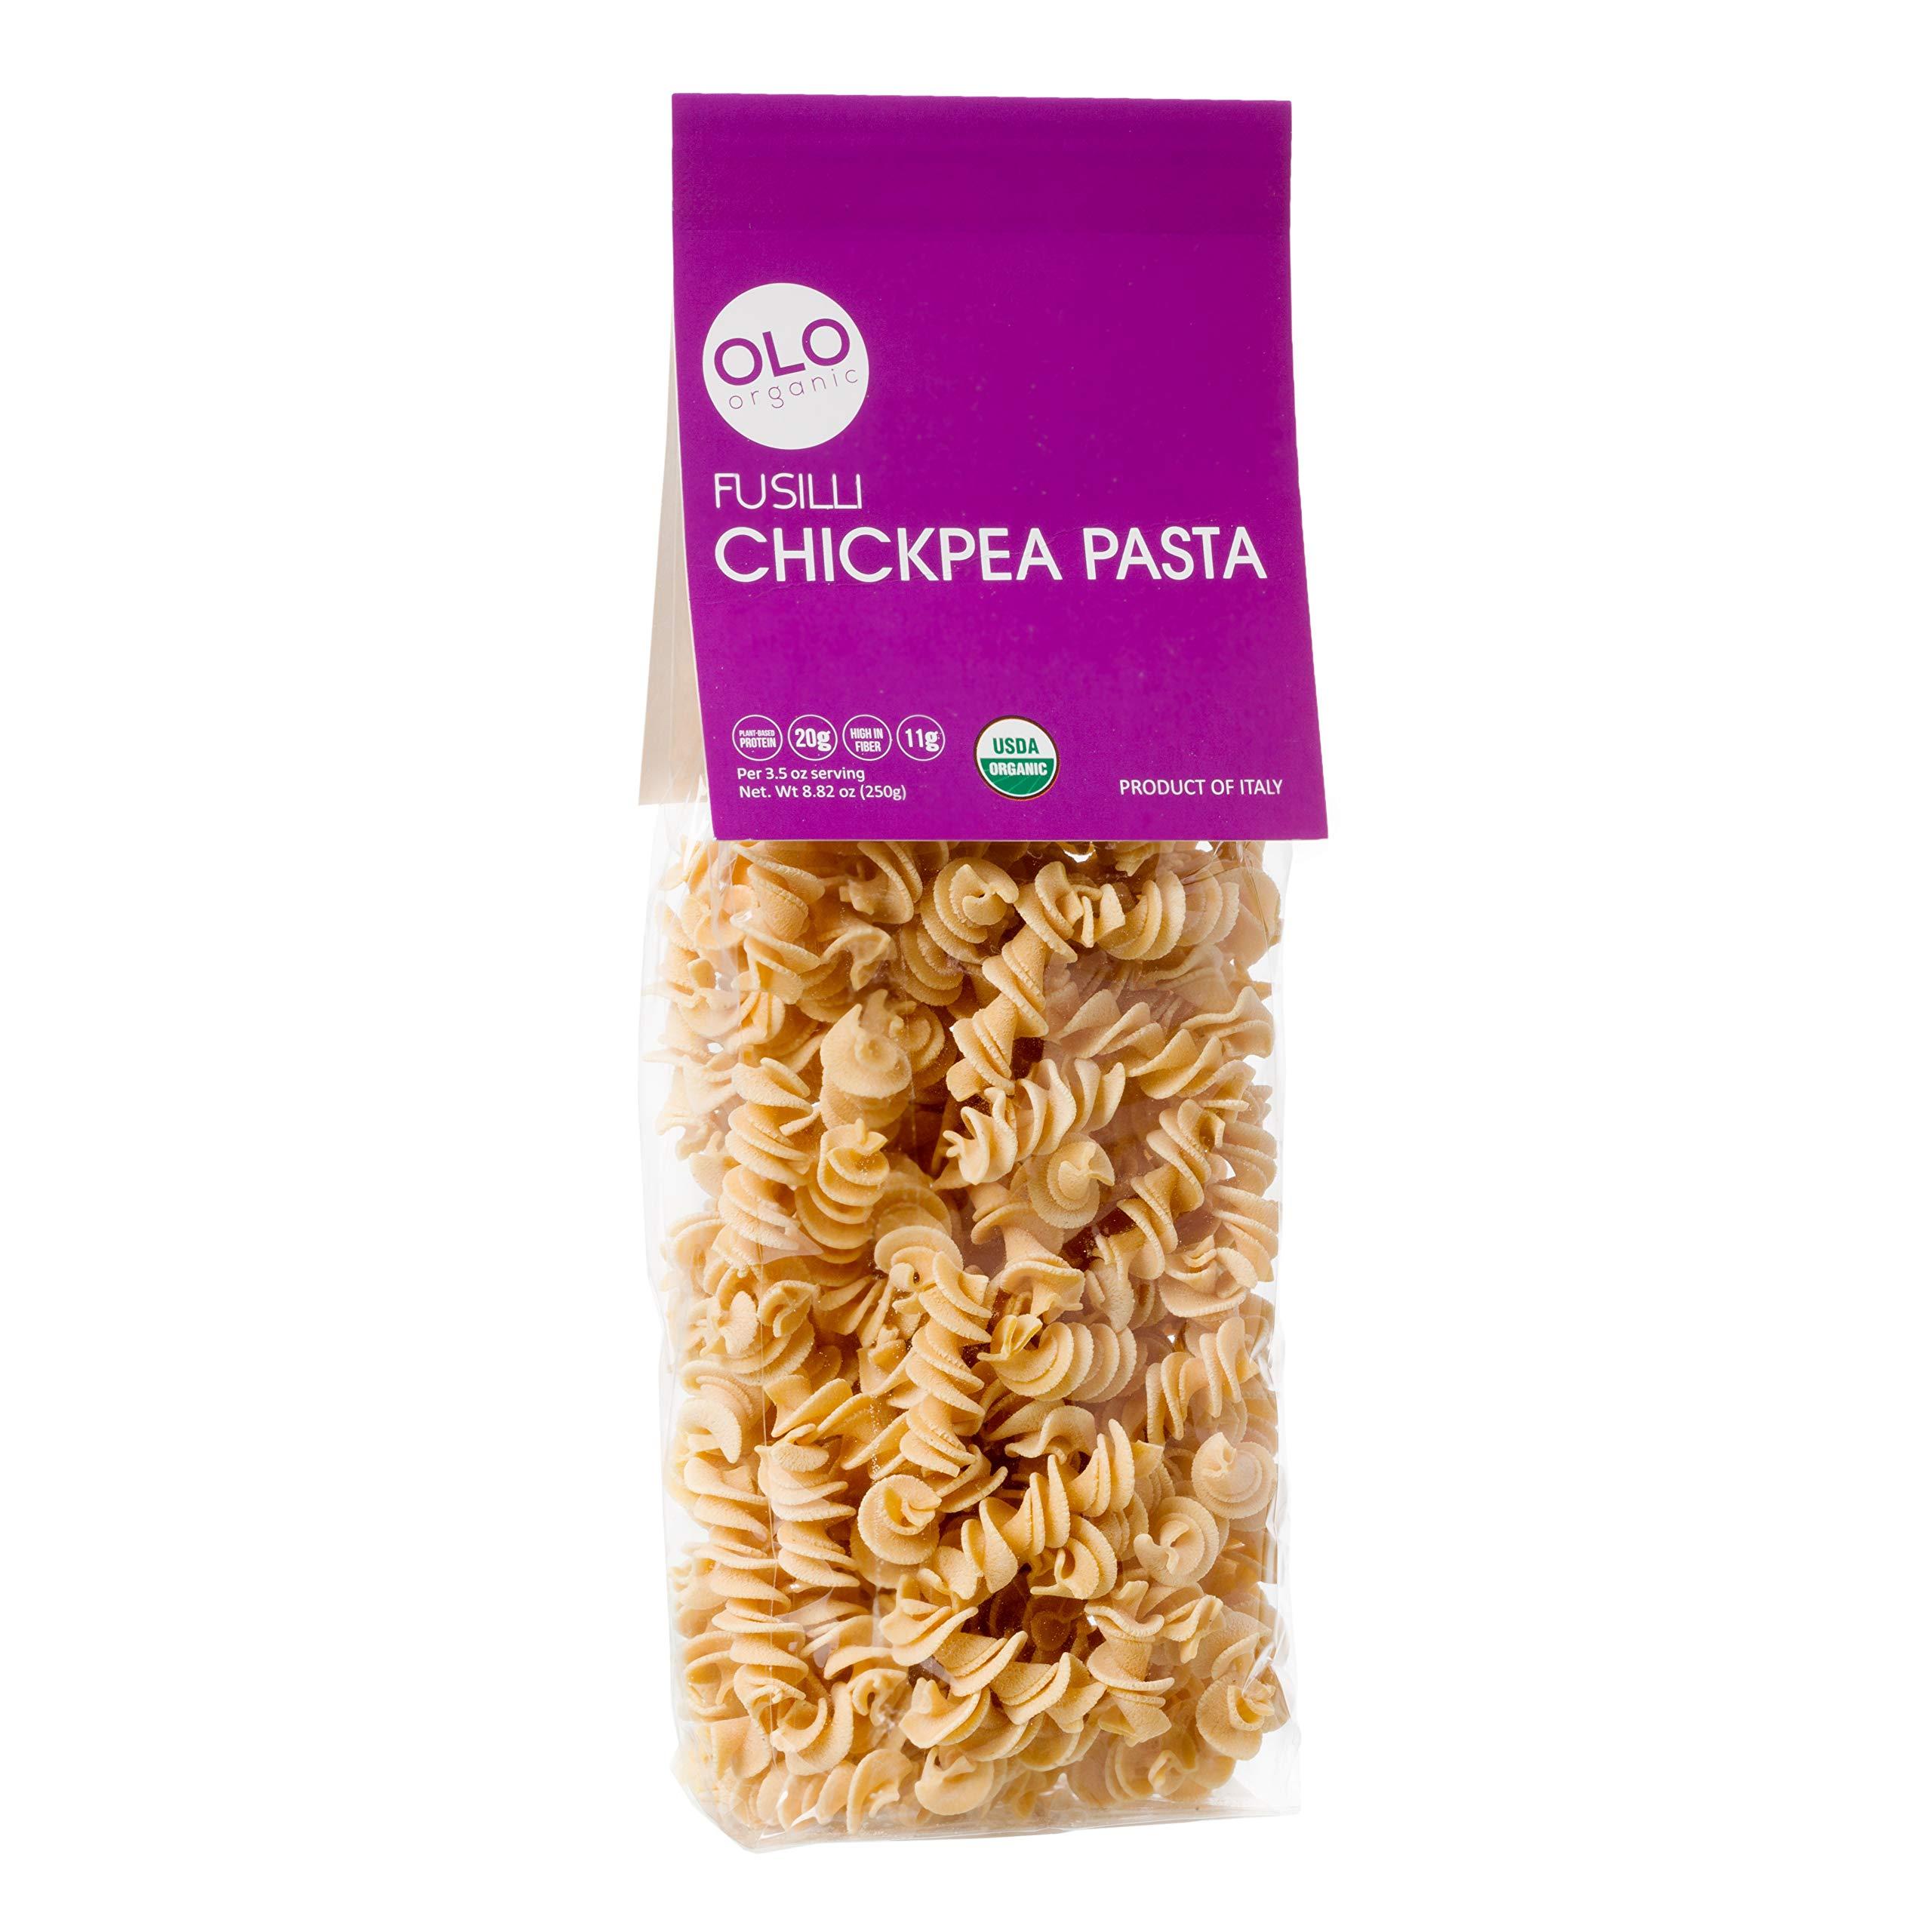 Amazon.com : Olo Organic Chickpea Pasta - 2-Pack 8.82 oz